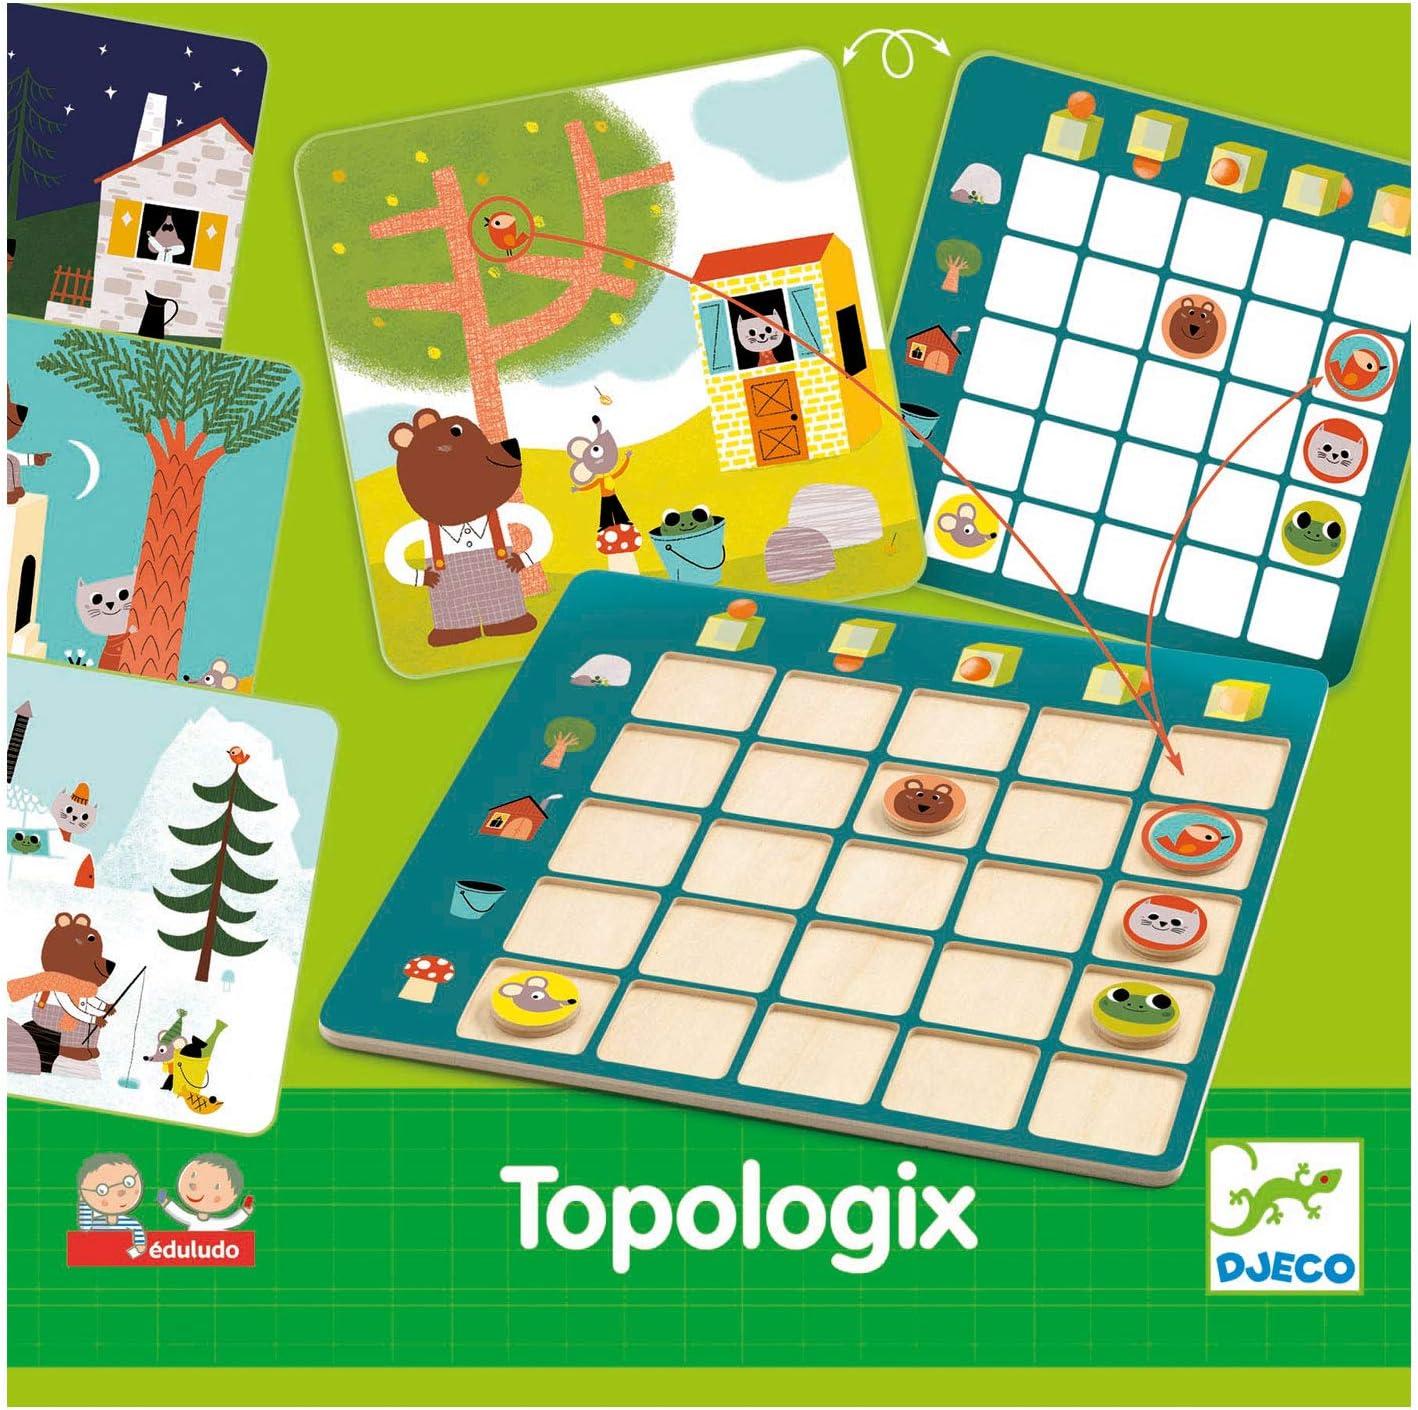 DJECO- Juegos de acción y reflejosJuegos educativosDJECOEduludo Topologix, (DJ08354): Amazon.es: Juguetes y juegos